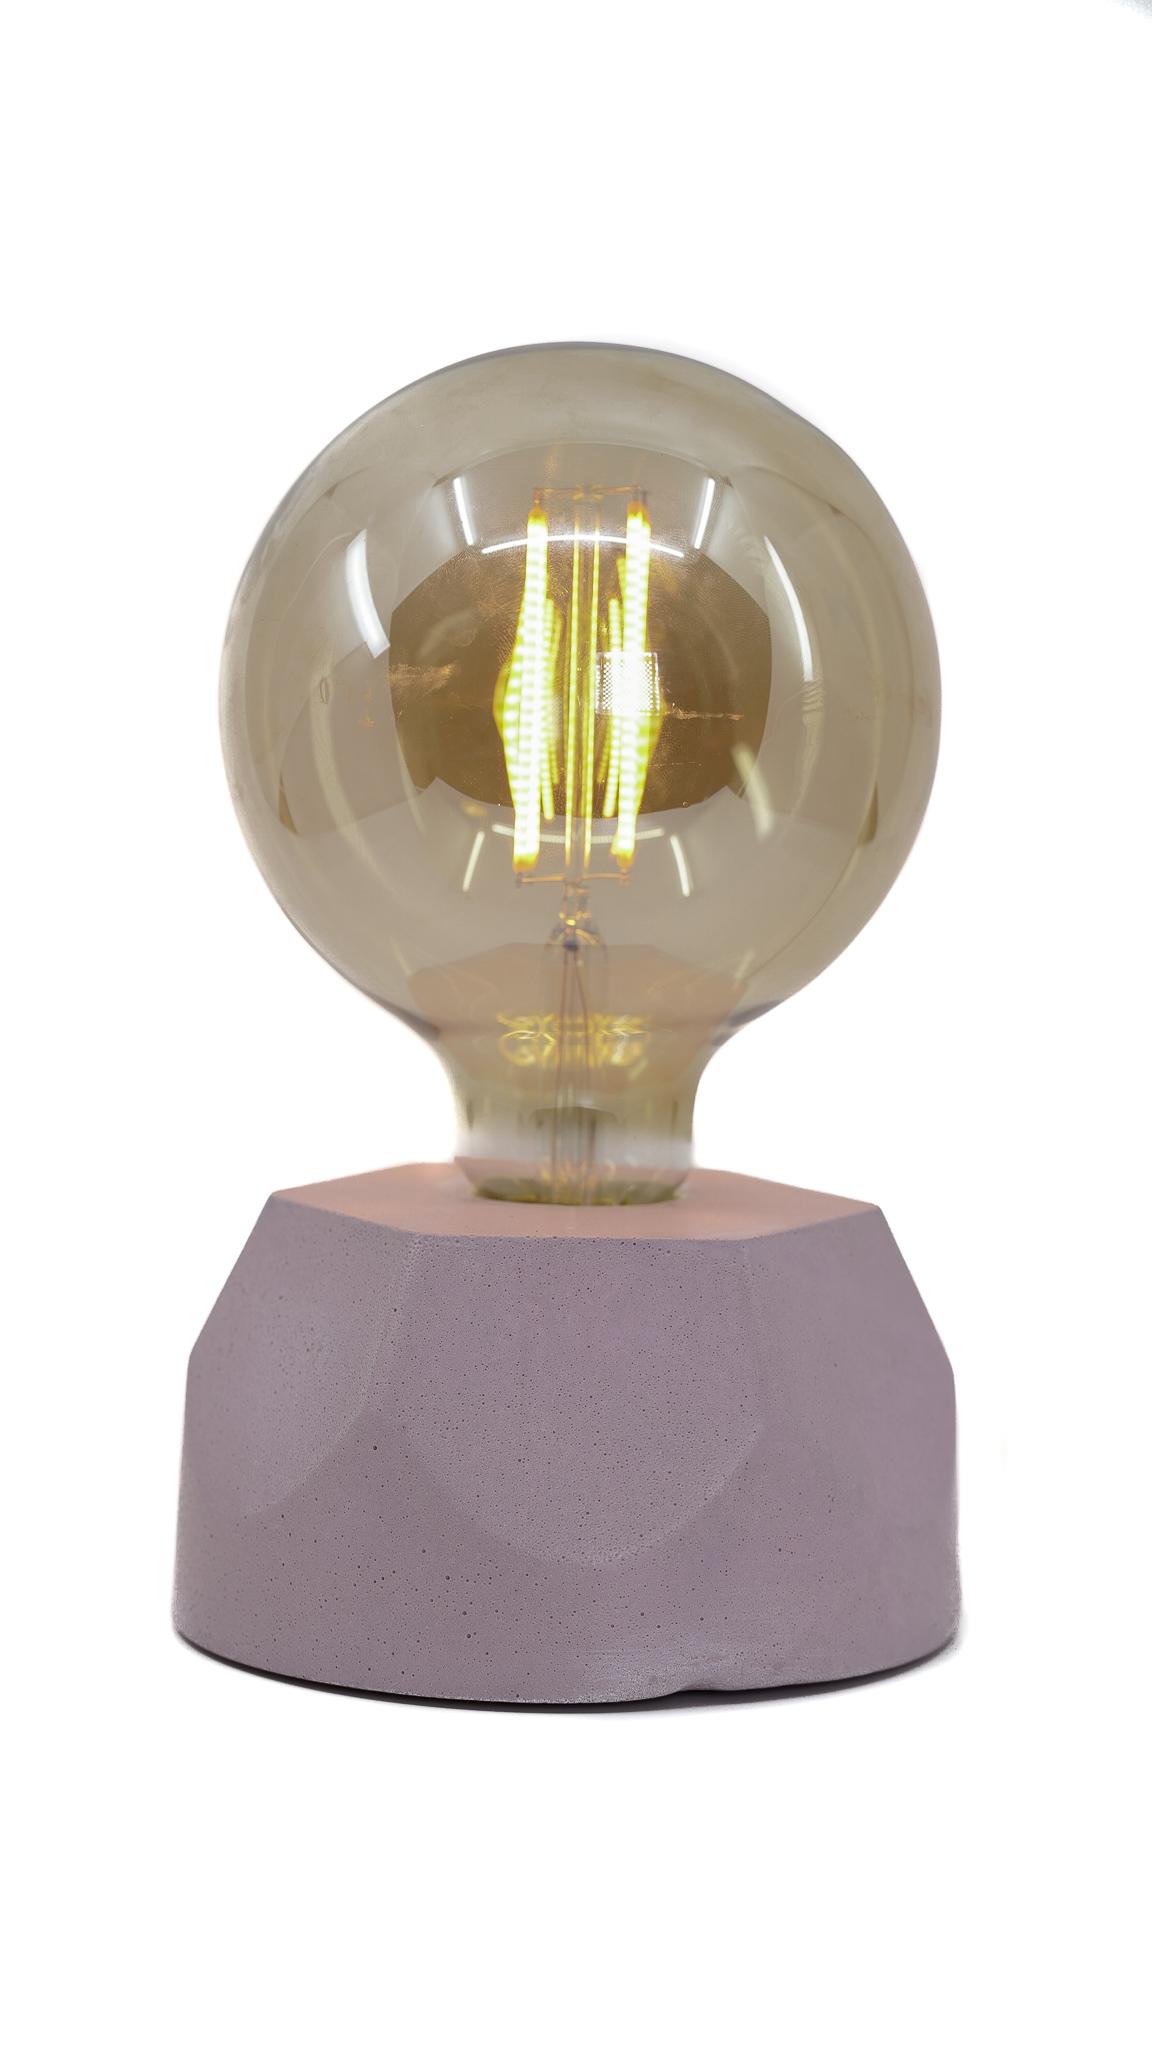 Lampe hexagone en béton rose fabrication artisanale